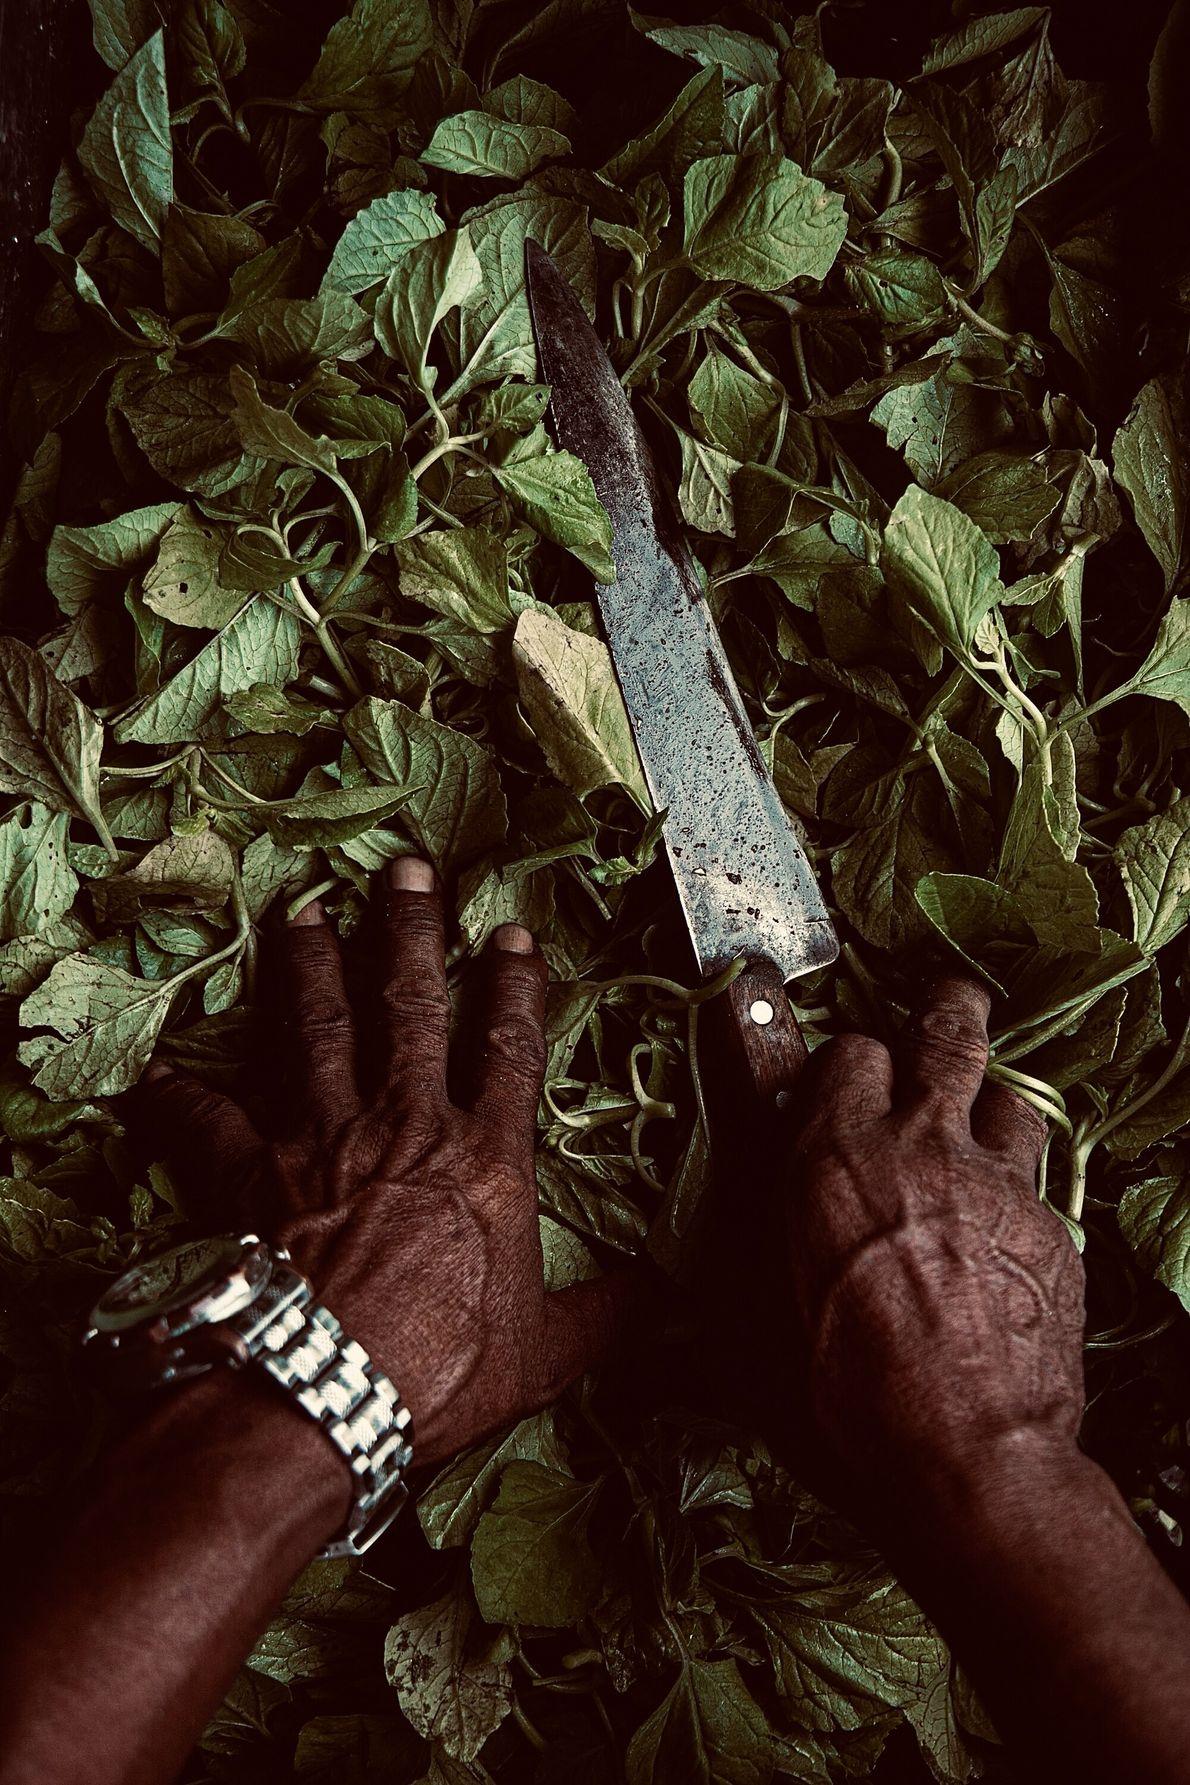 Foto de homem manuseando com faca folhas de jambu